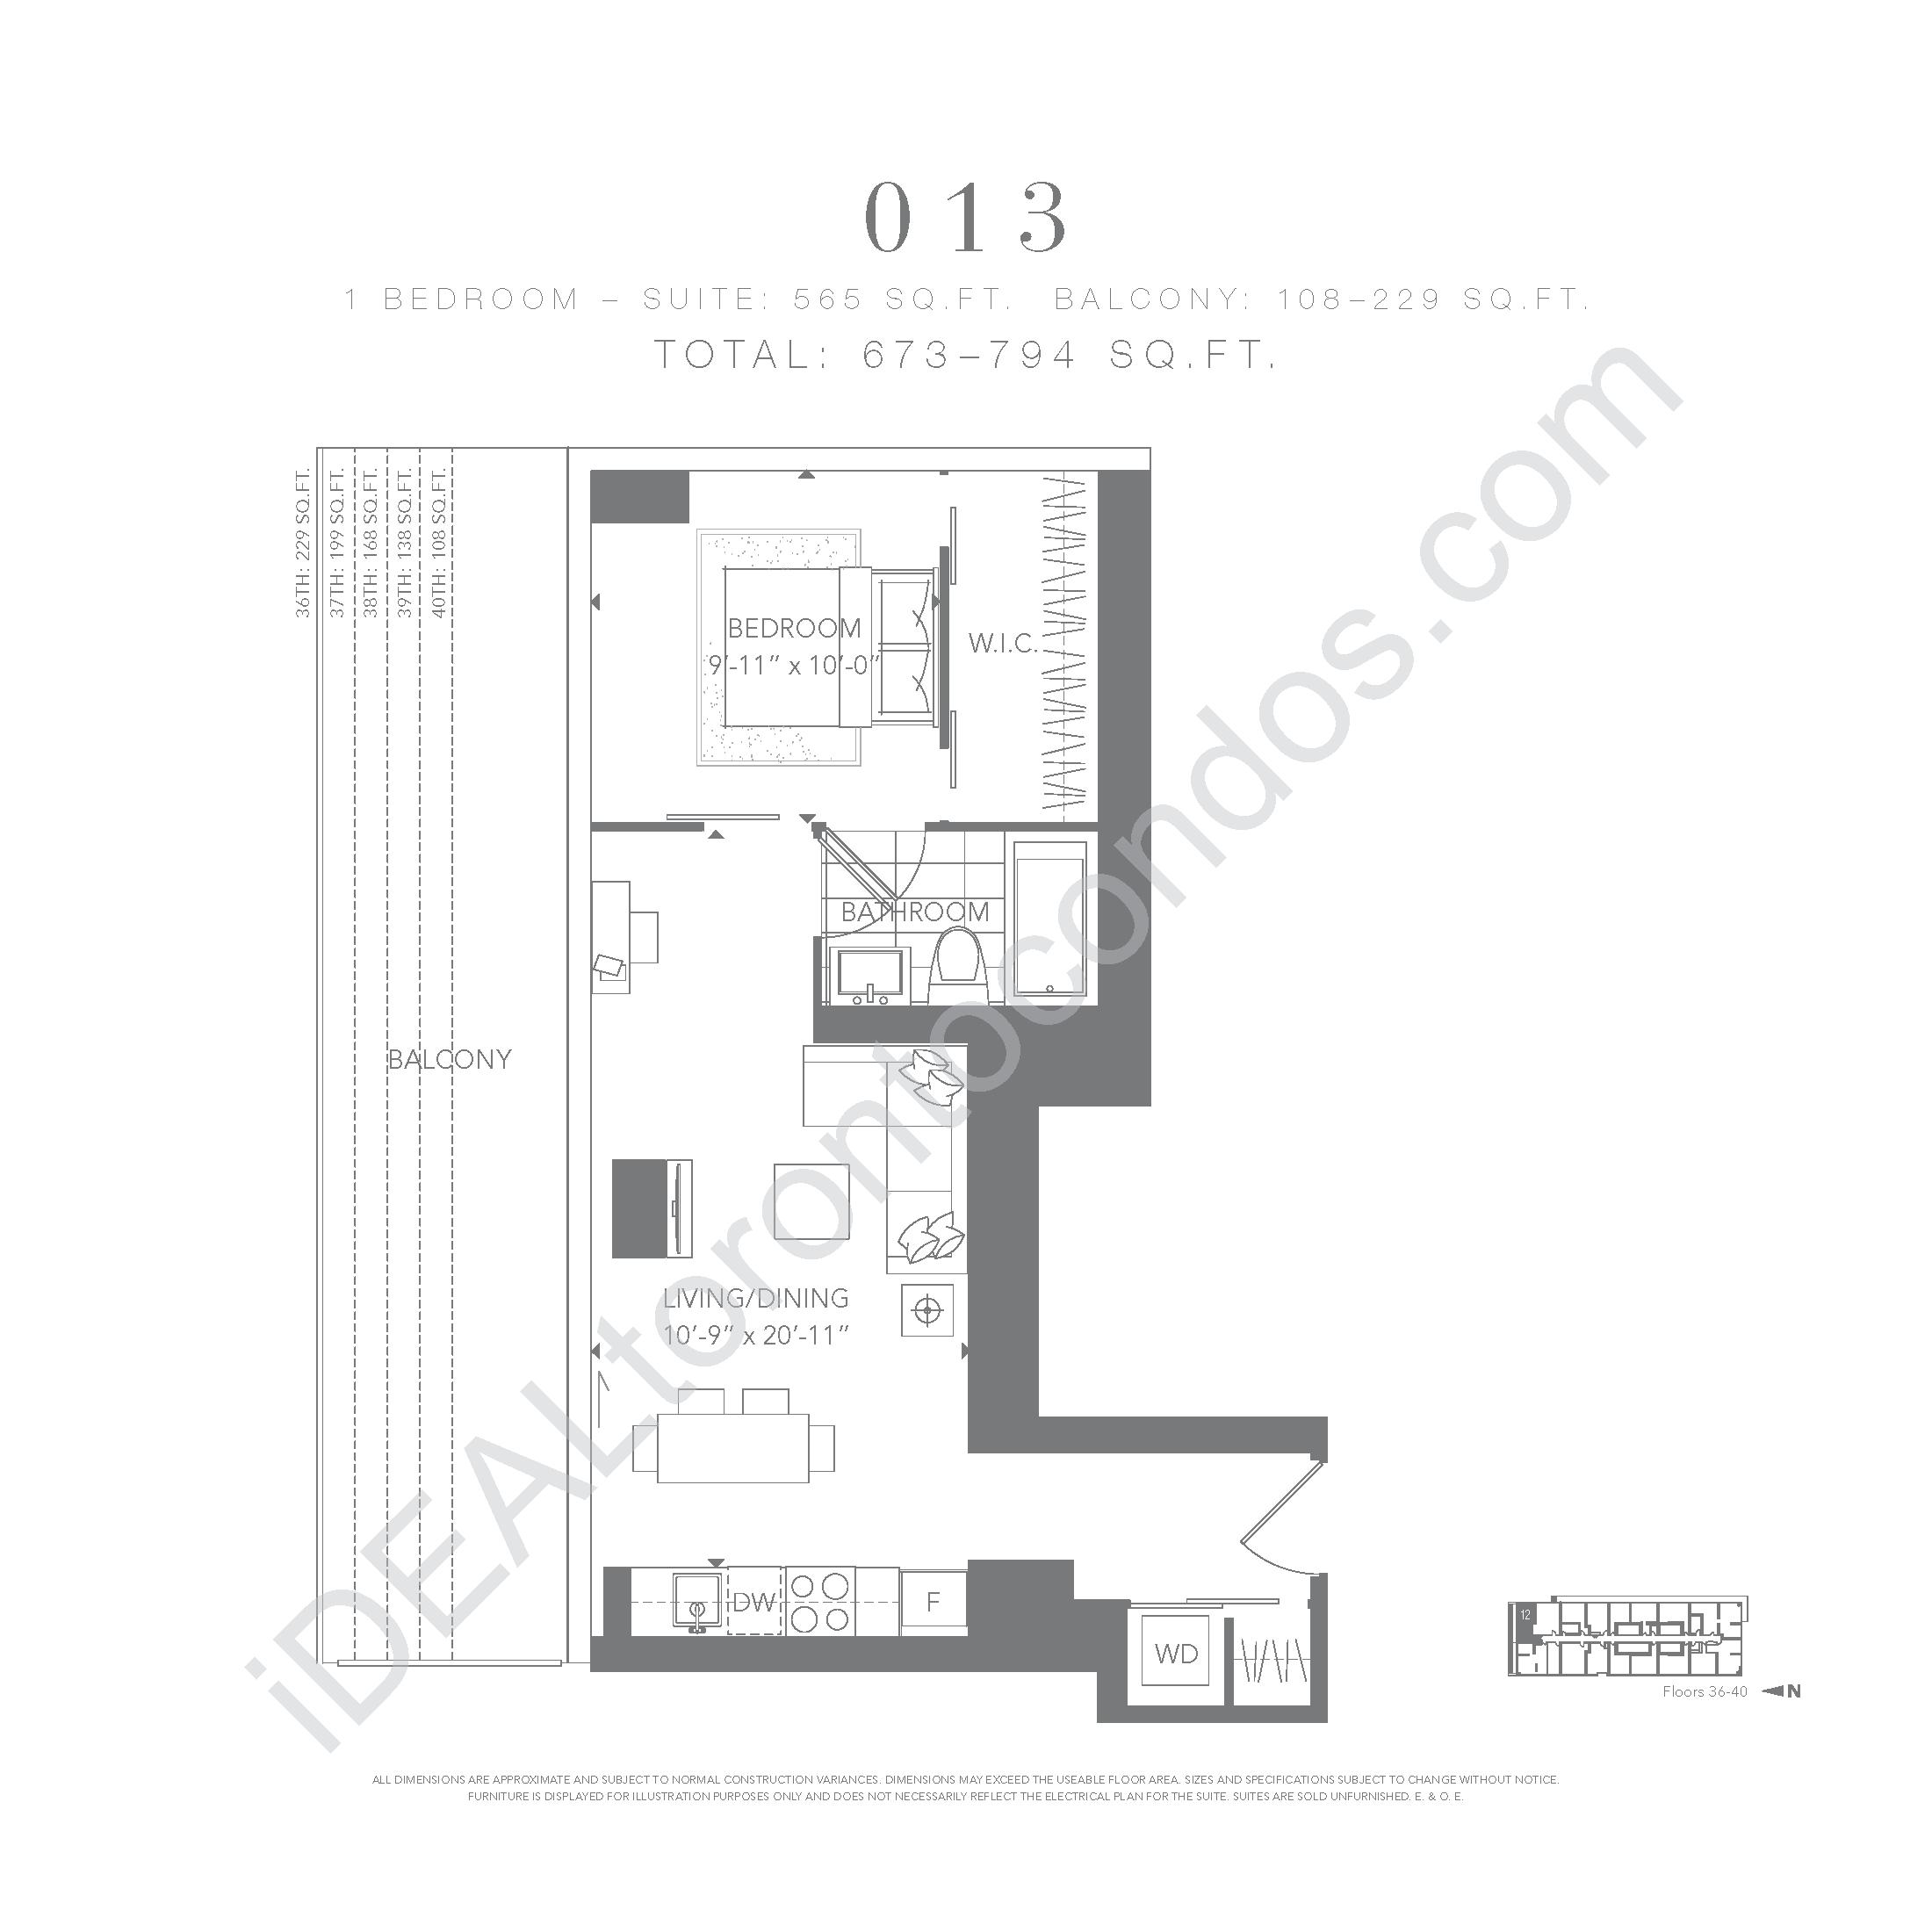 1 bedroom 013